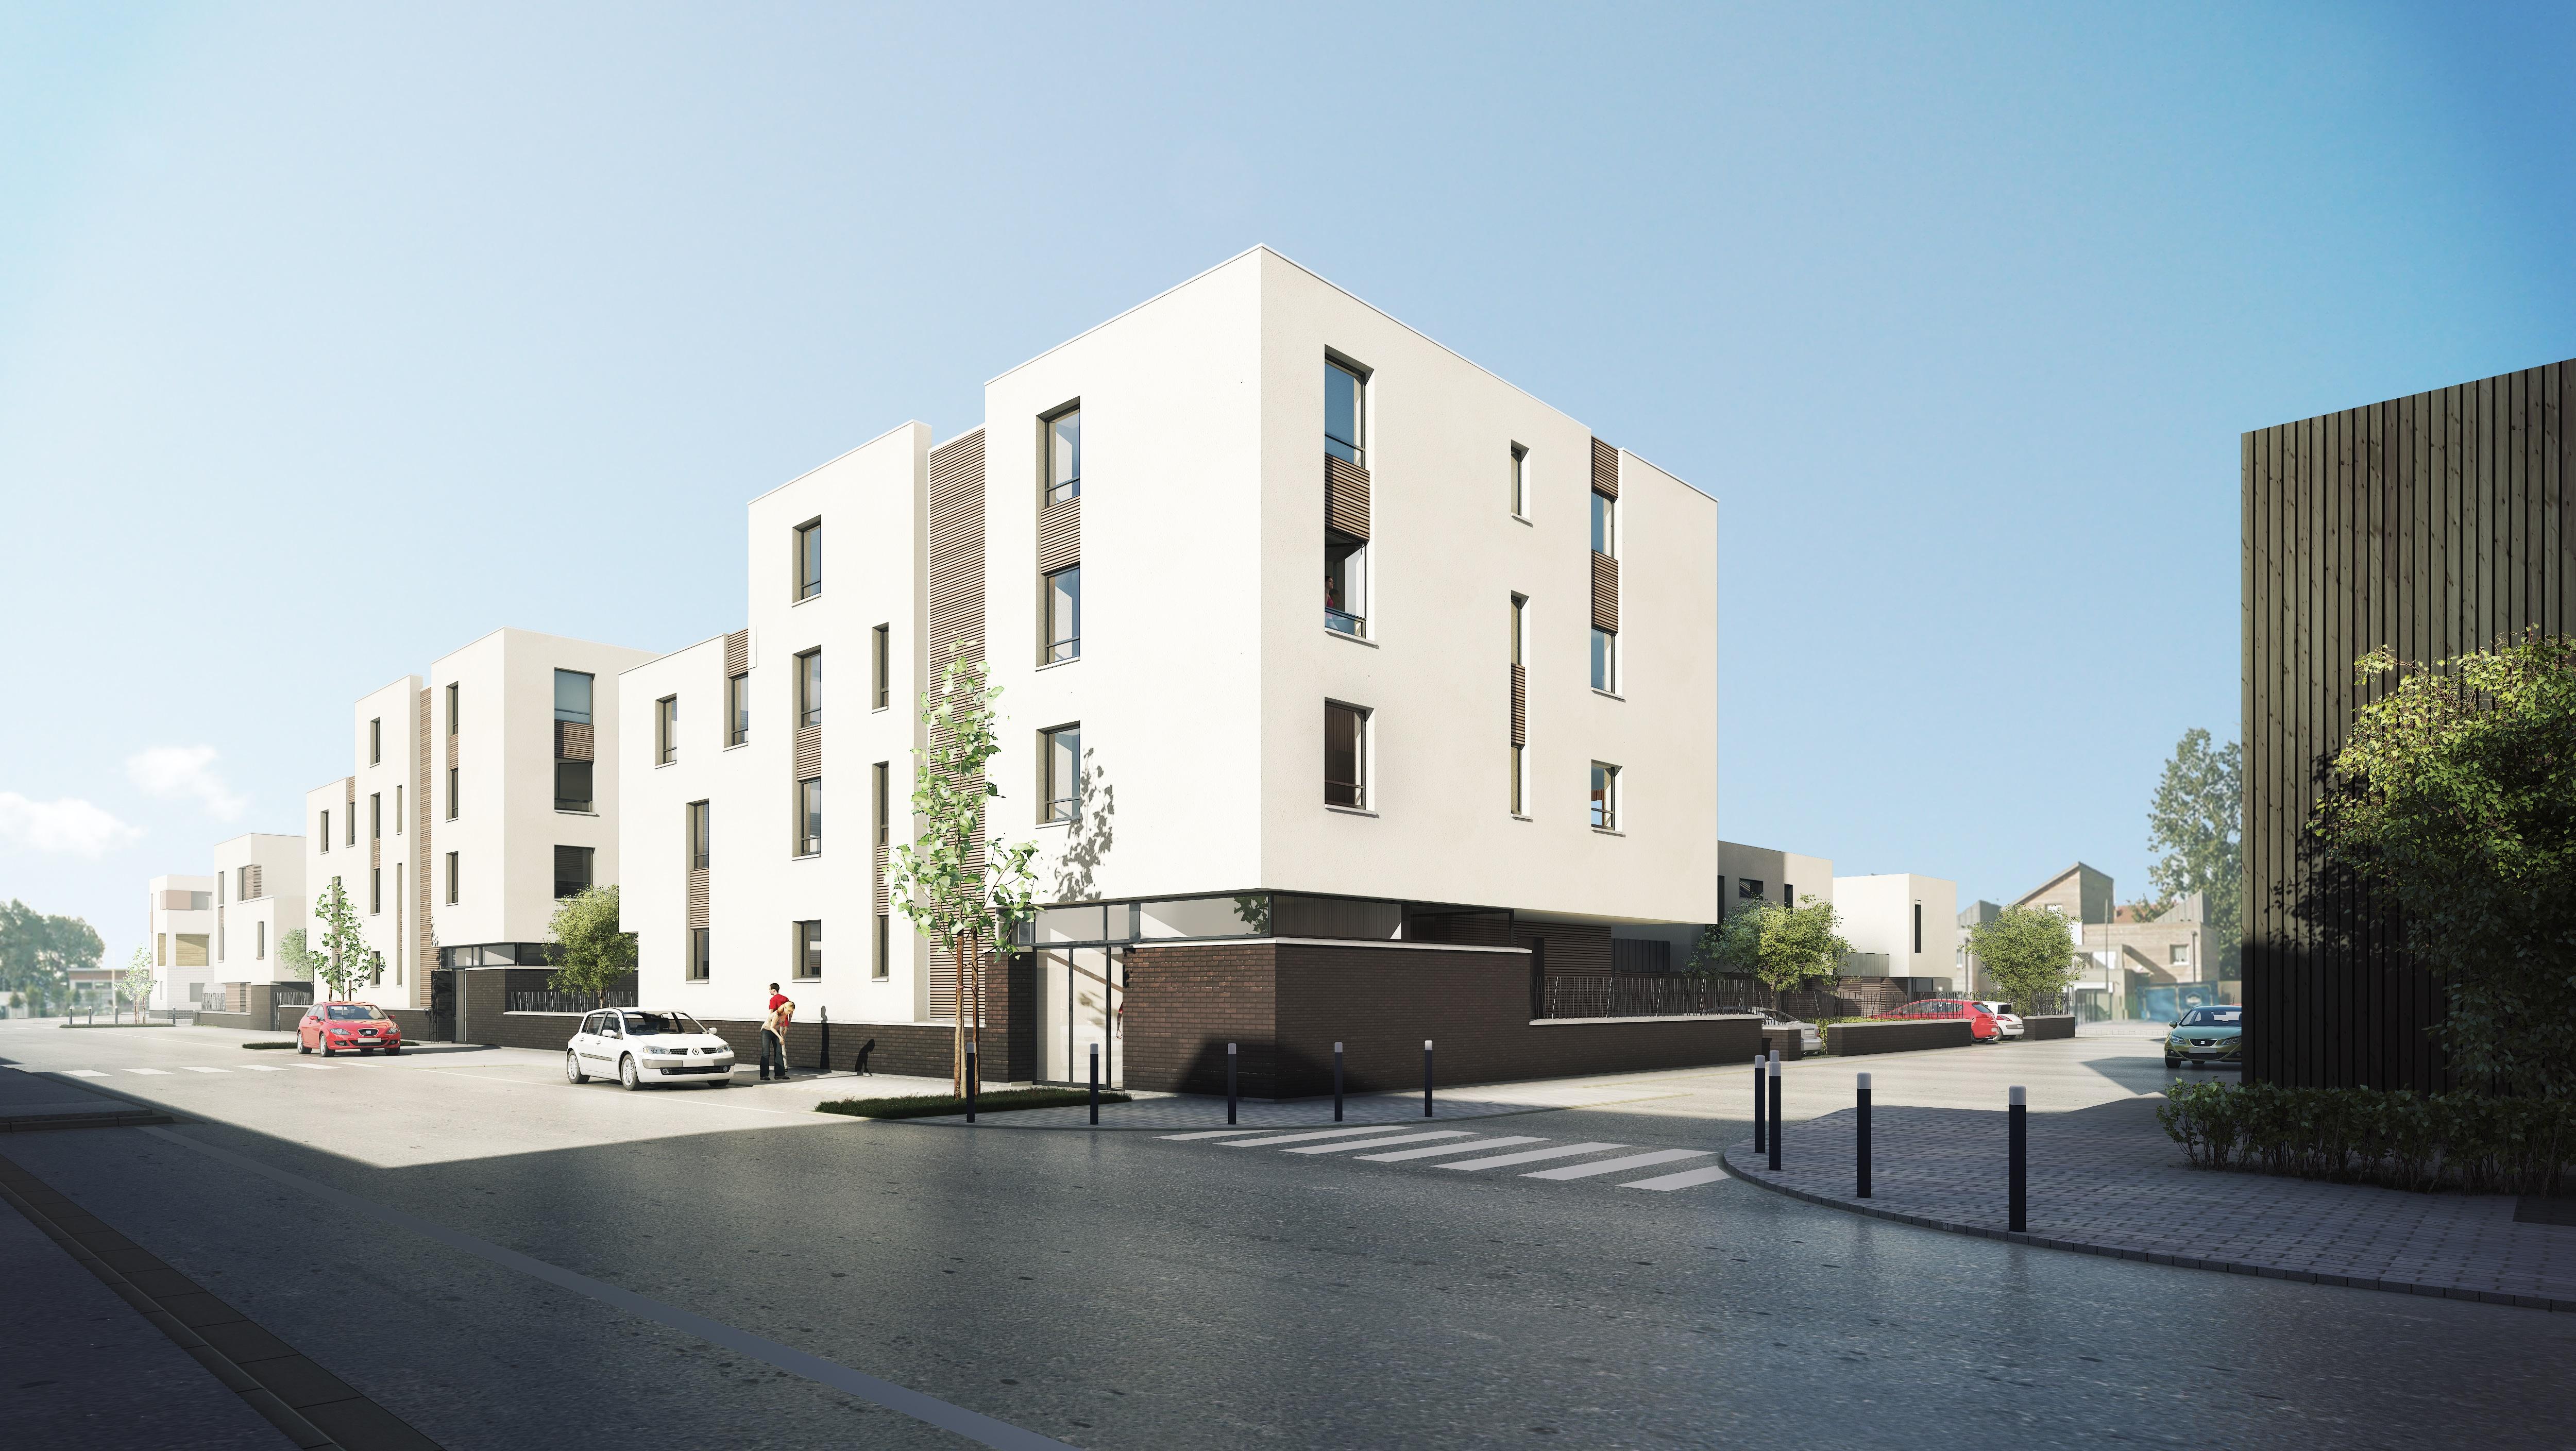 KIC signe un CPI avec la Foncière Logement pour la construction de 29 logements à Dunkerque, rue du Marais